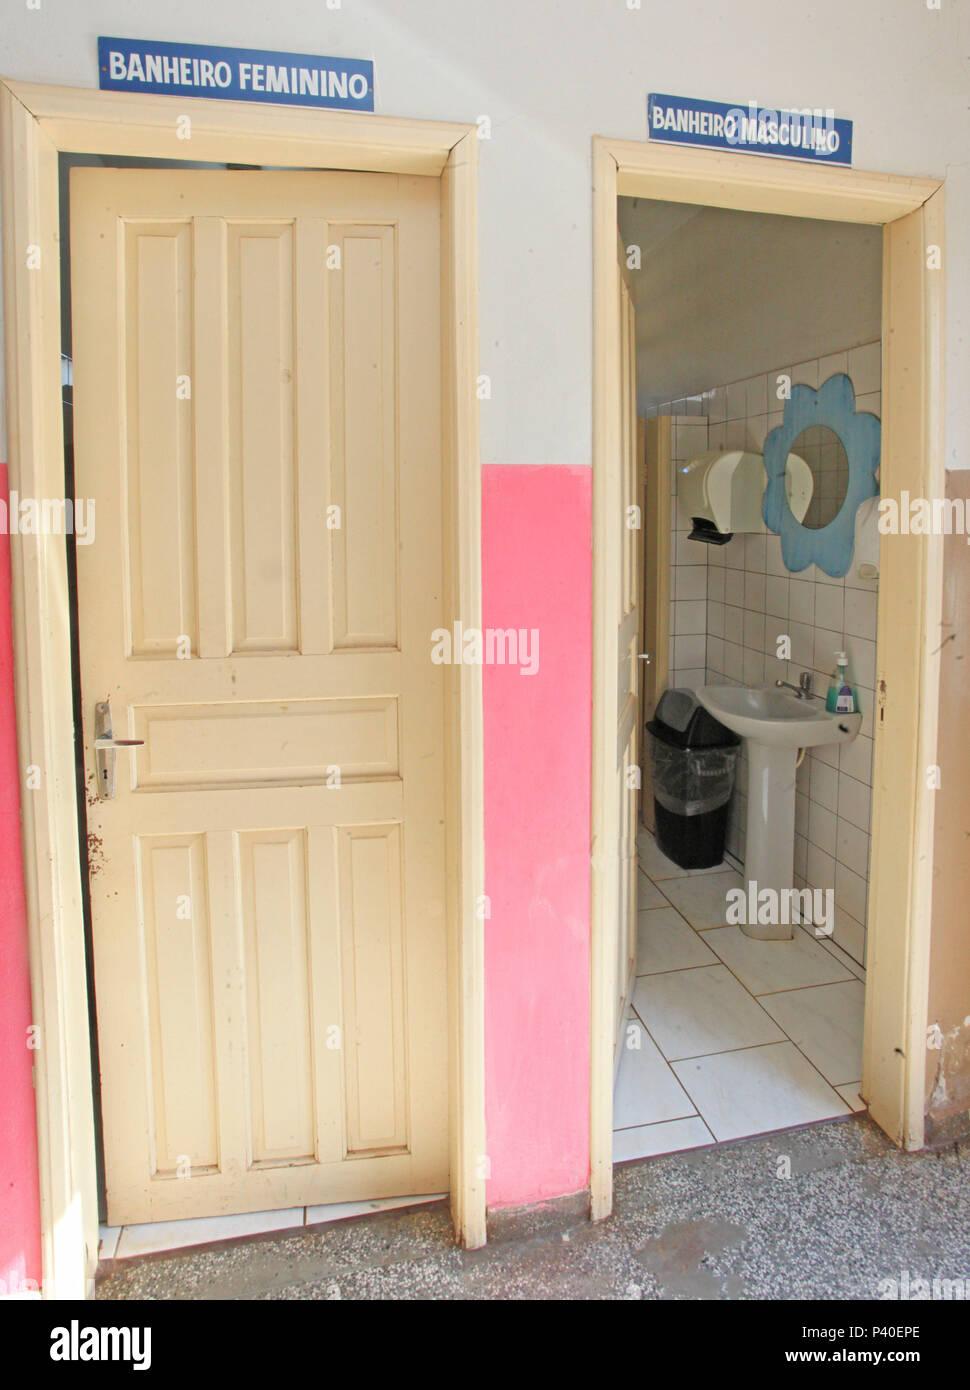 Porta de identificação banheiro com de sexo masculino e feminino. Imagen De Stock